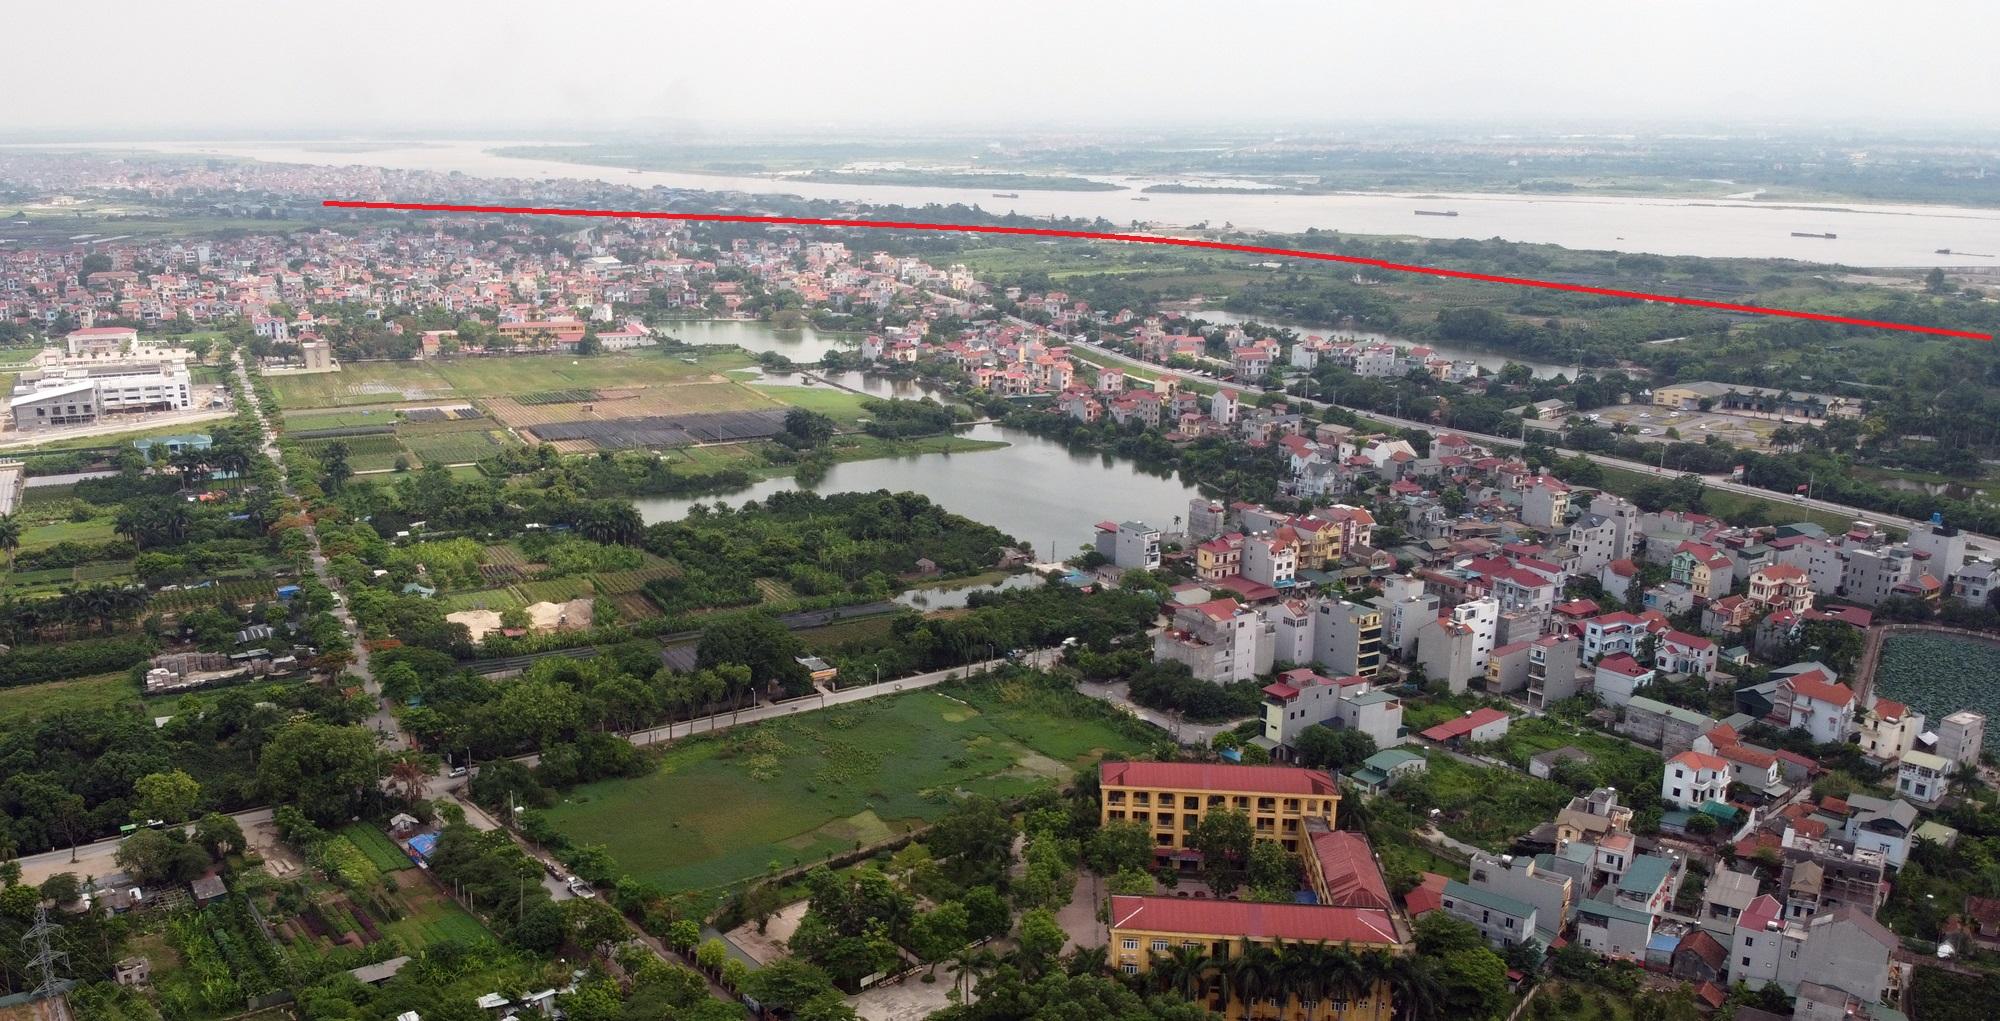 4 đường sẽ mở theo qui hoạch ở phường Thượng Cát, Bắc Từ Liêm, Hà Nội - Ảnh 19.